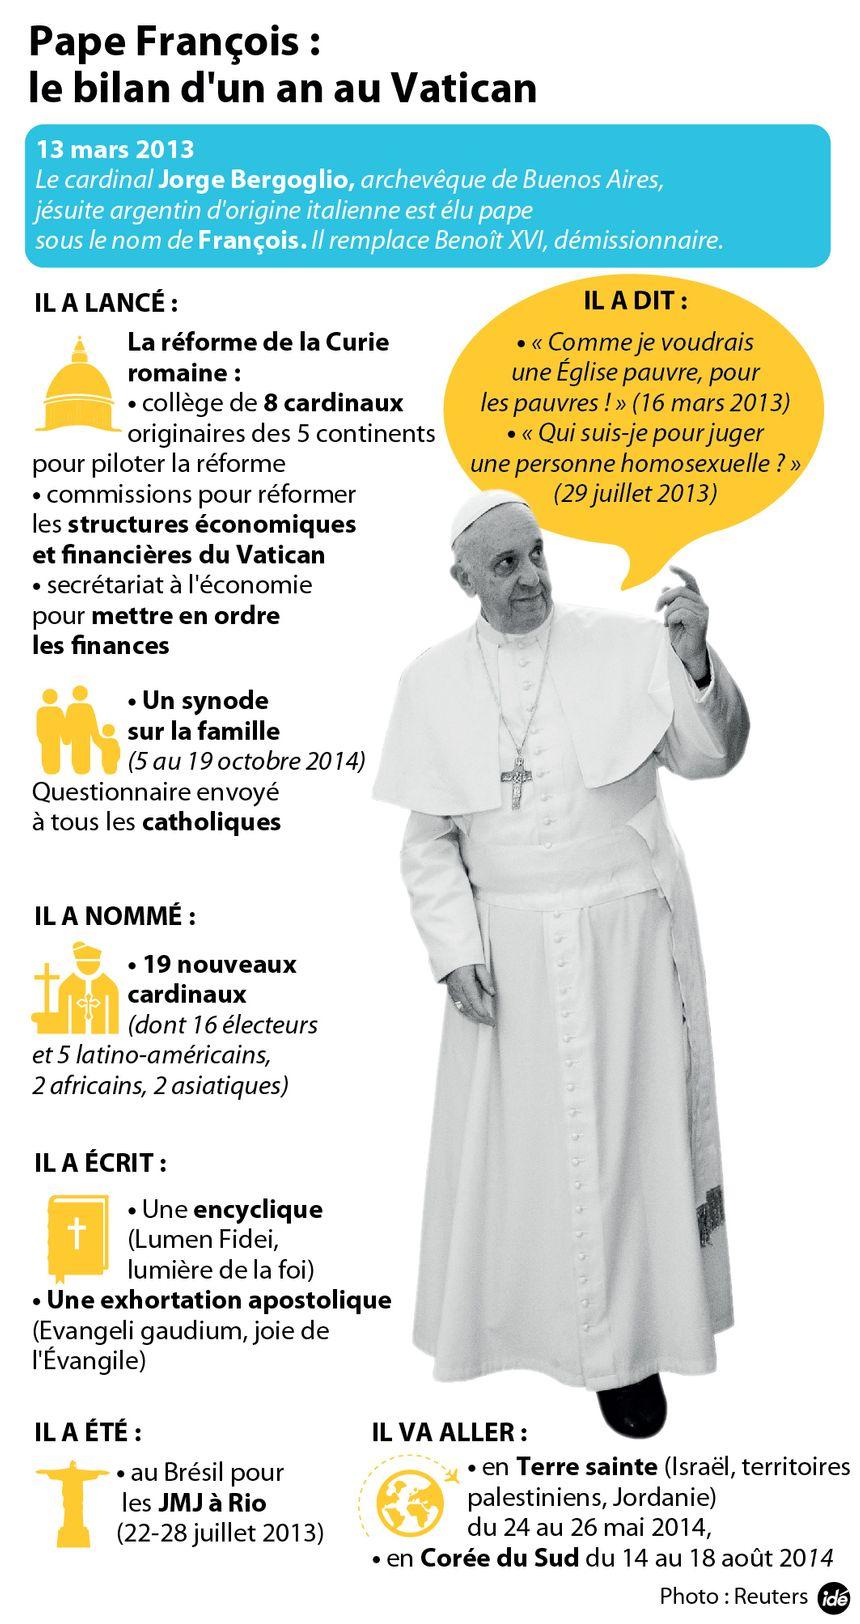 Le pape François, 1 an après - IDÉ